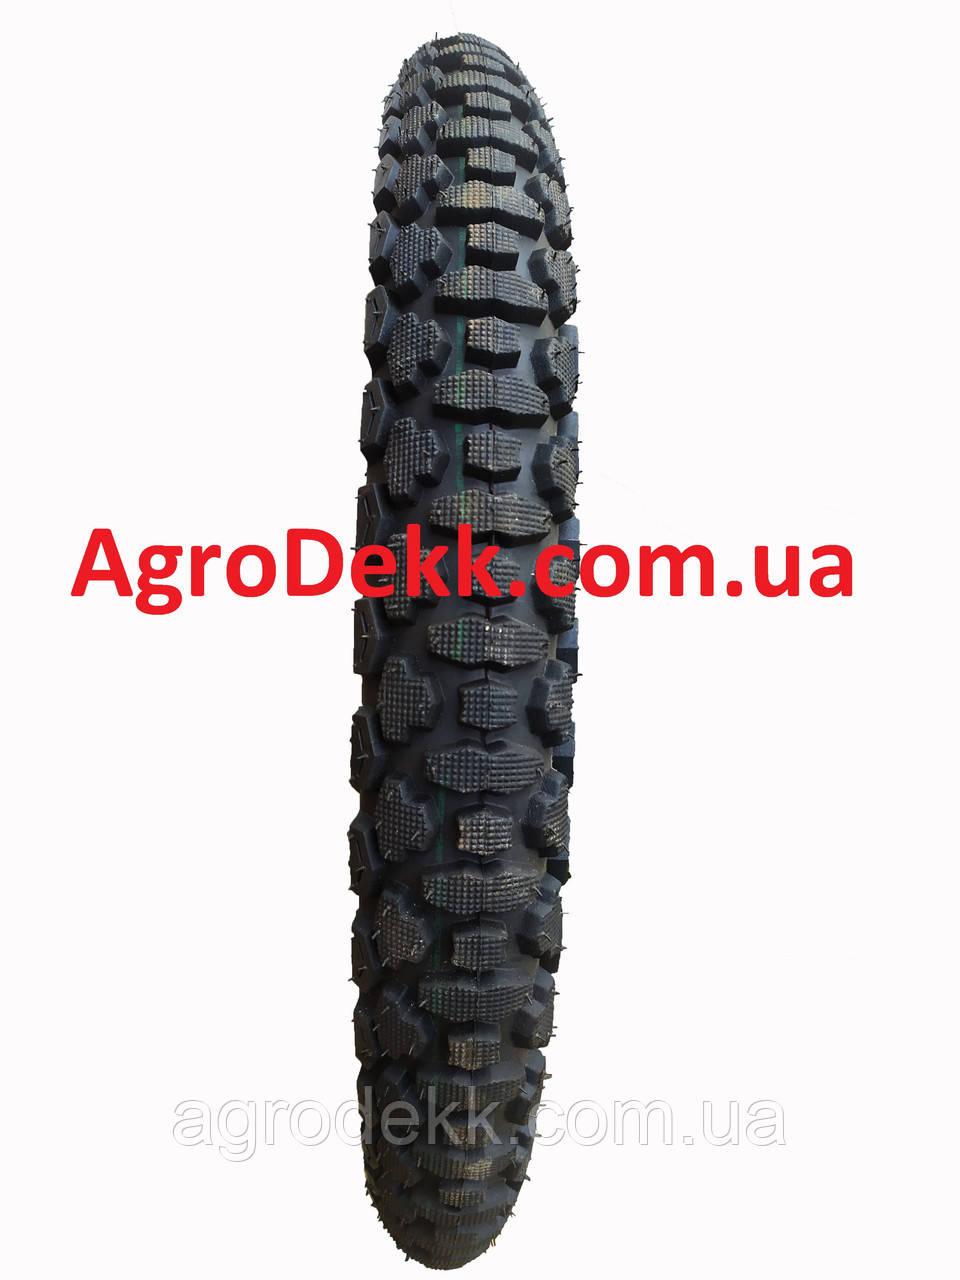 Покрышка 3.25-18 шипованная c камерой для мотоциклов Ява, Минск, Viper 150 сс